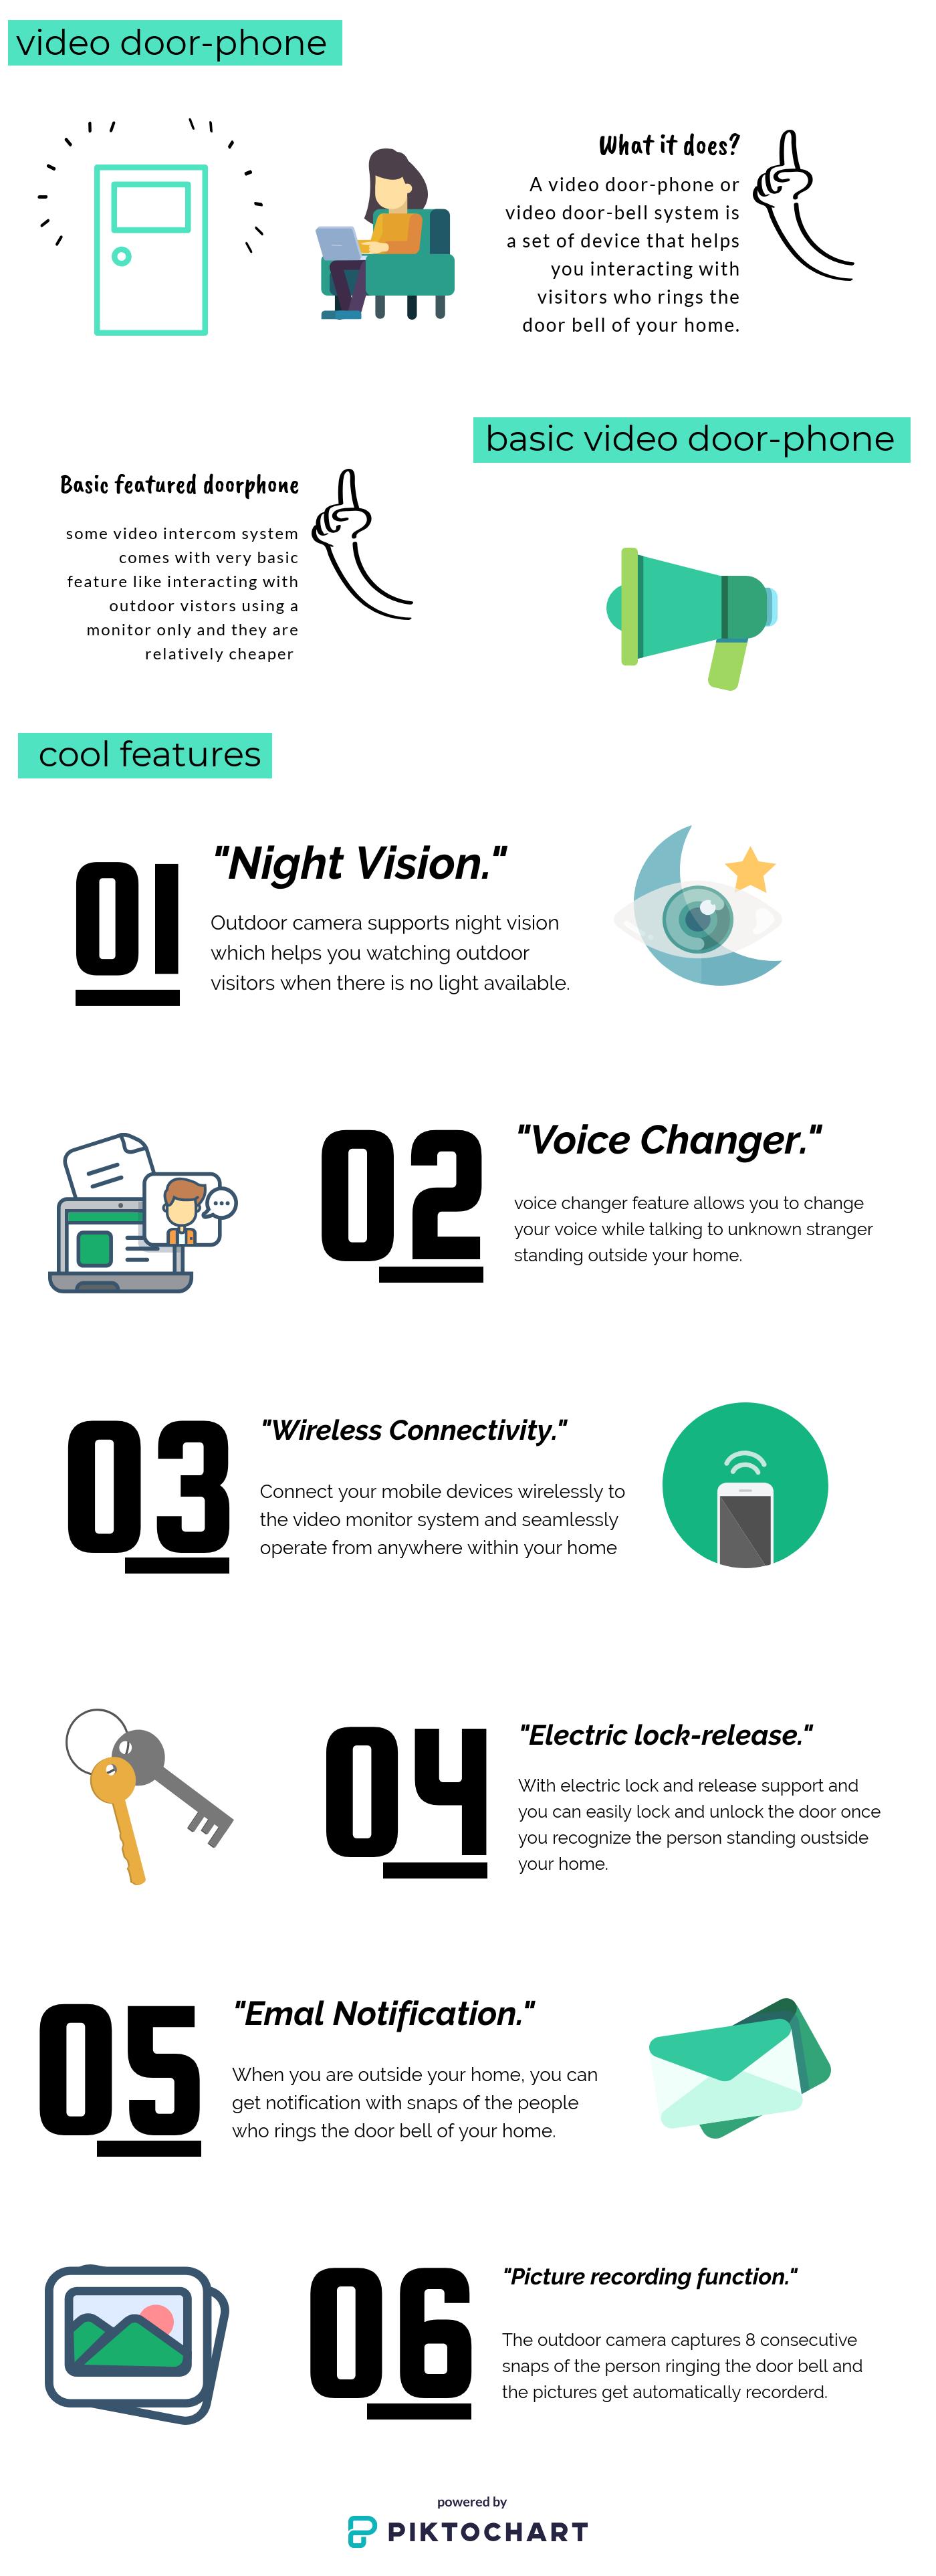 features-of-a-best-video-doorbell